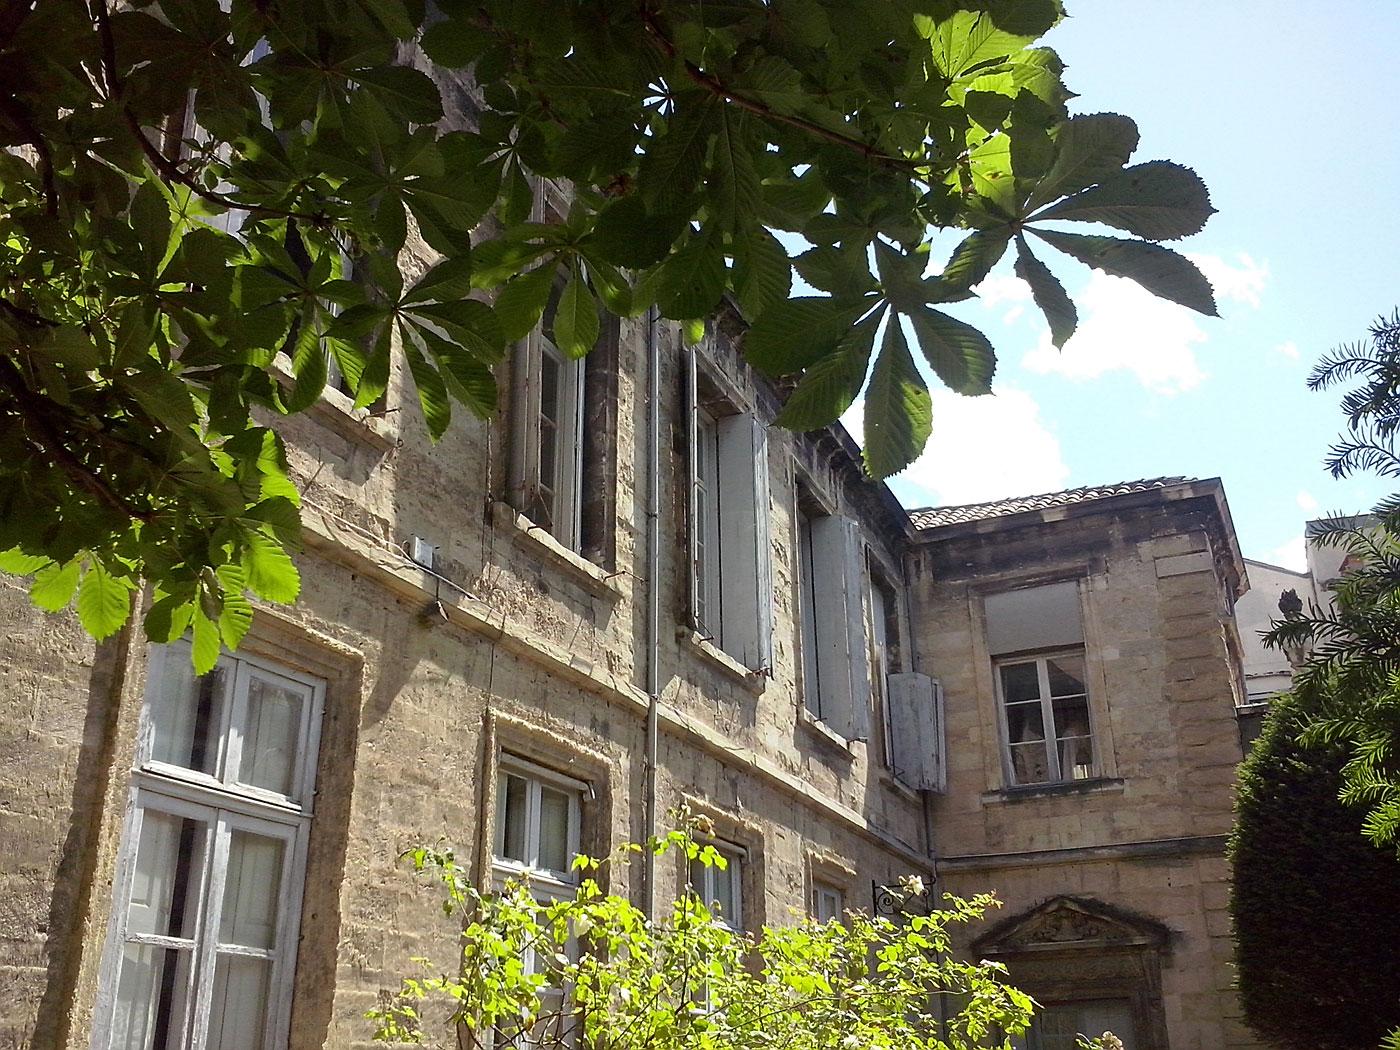 Maison de heidelberg - Photo d une maison ...